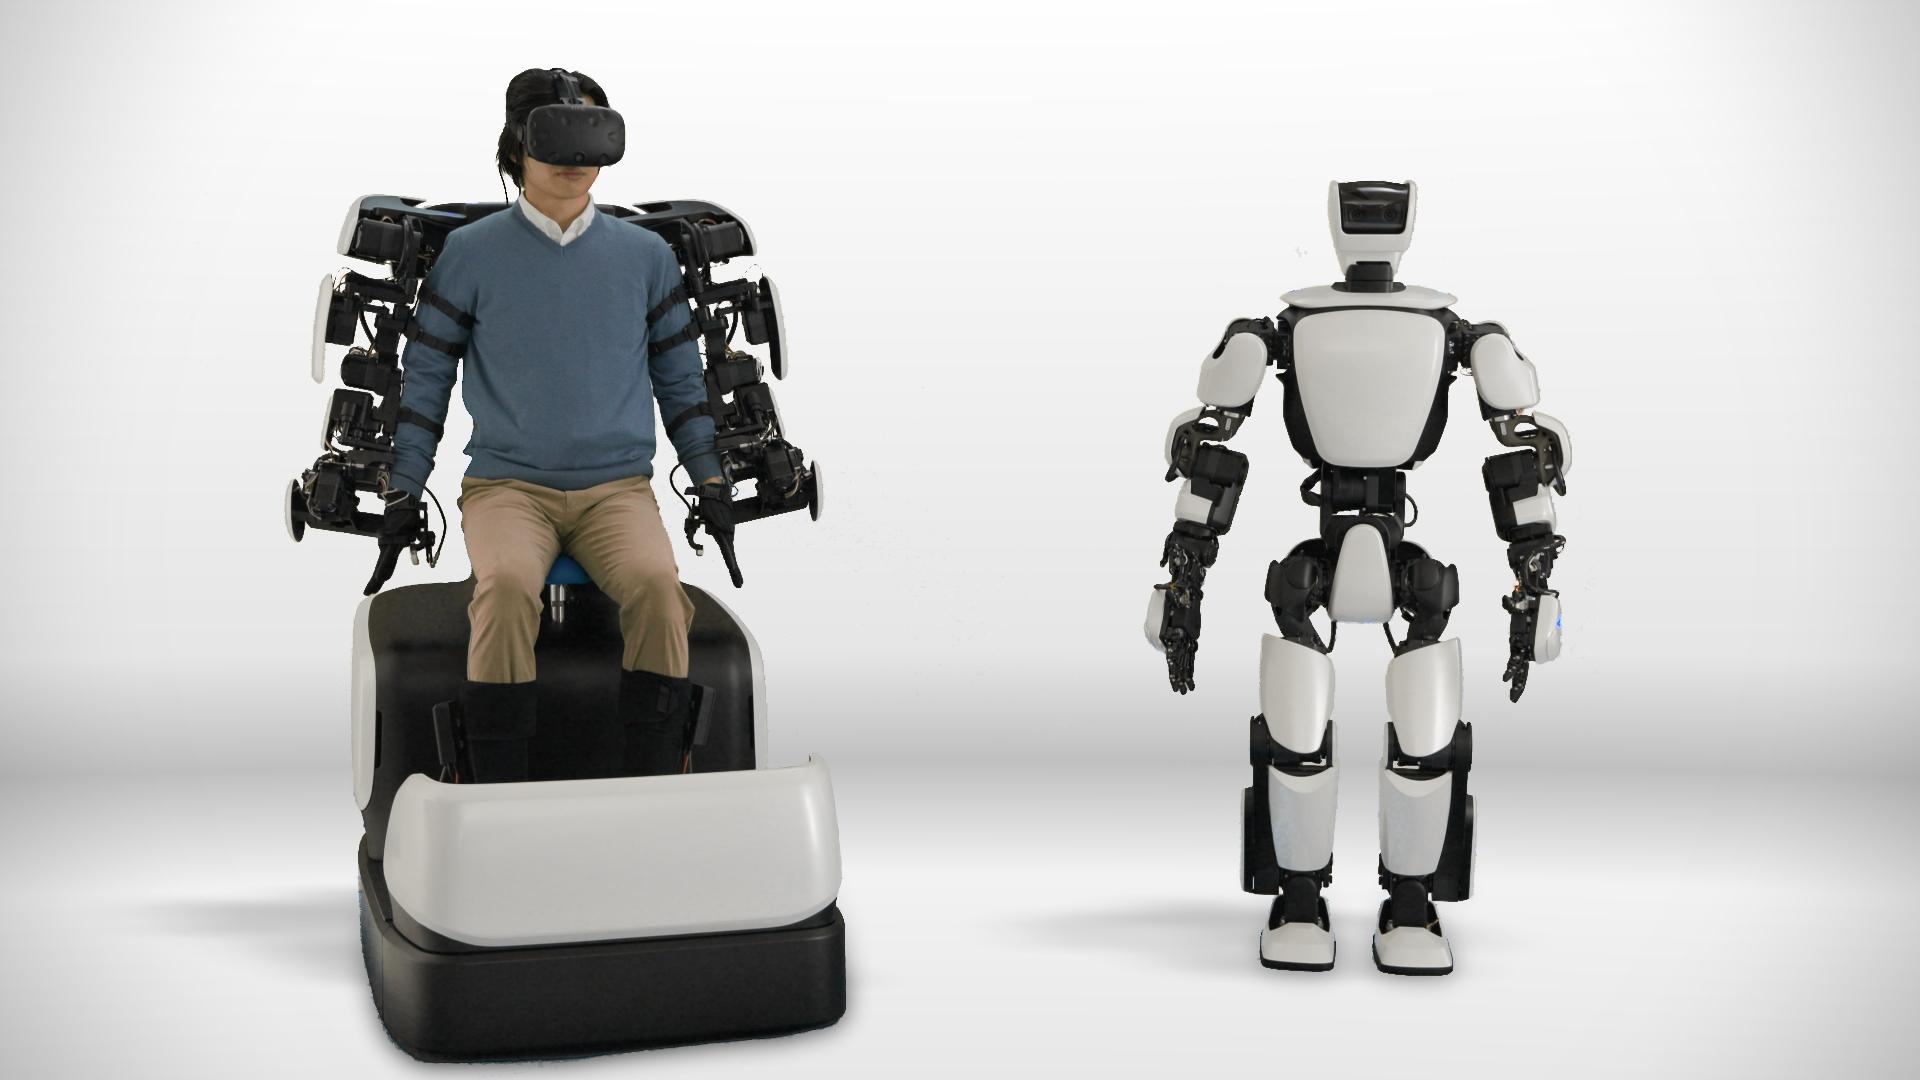 Toyota Unveils Third Generation Humanoid Robot T-HR3